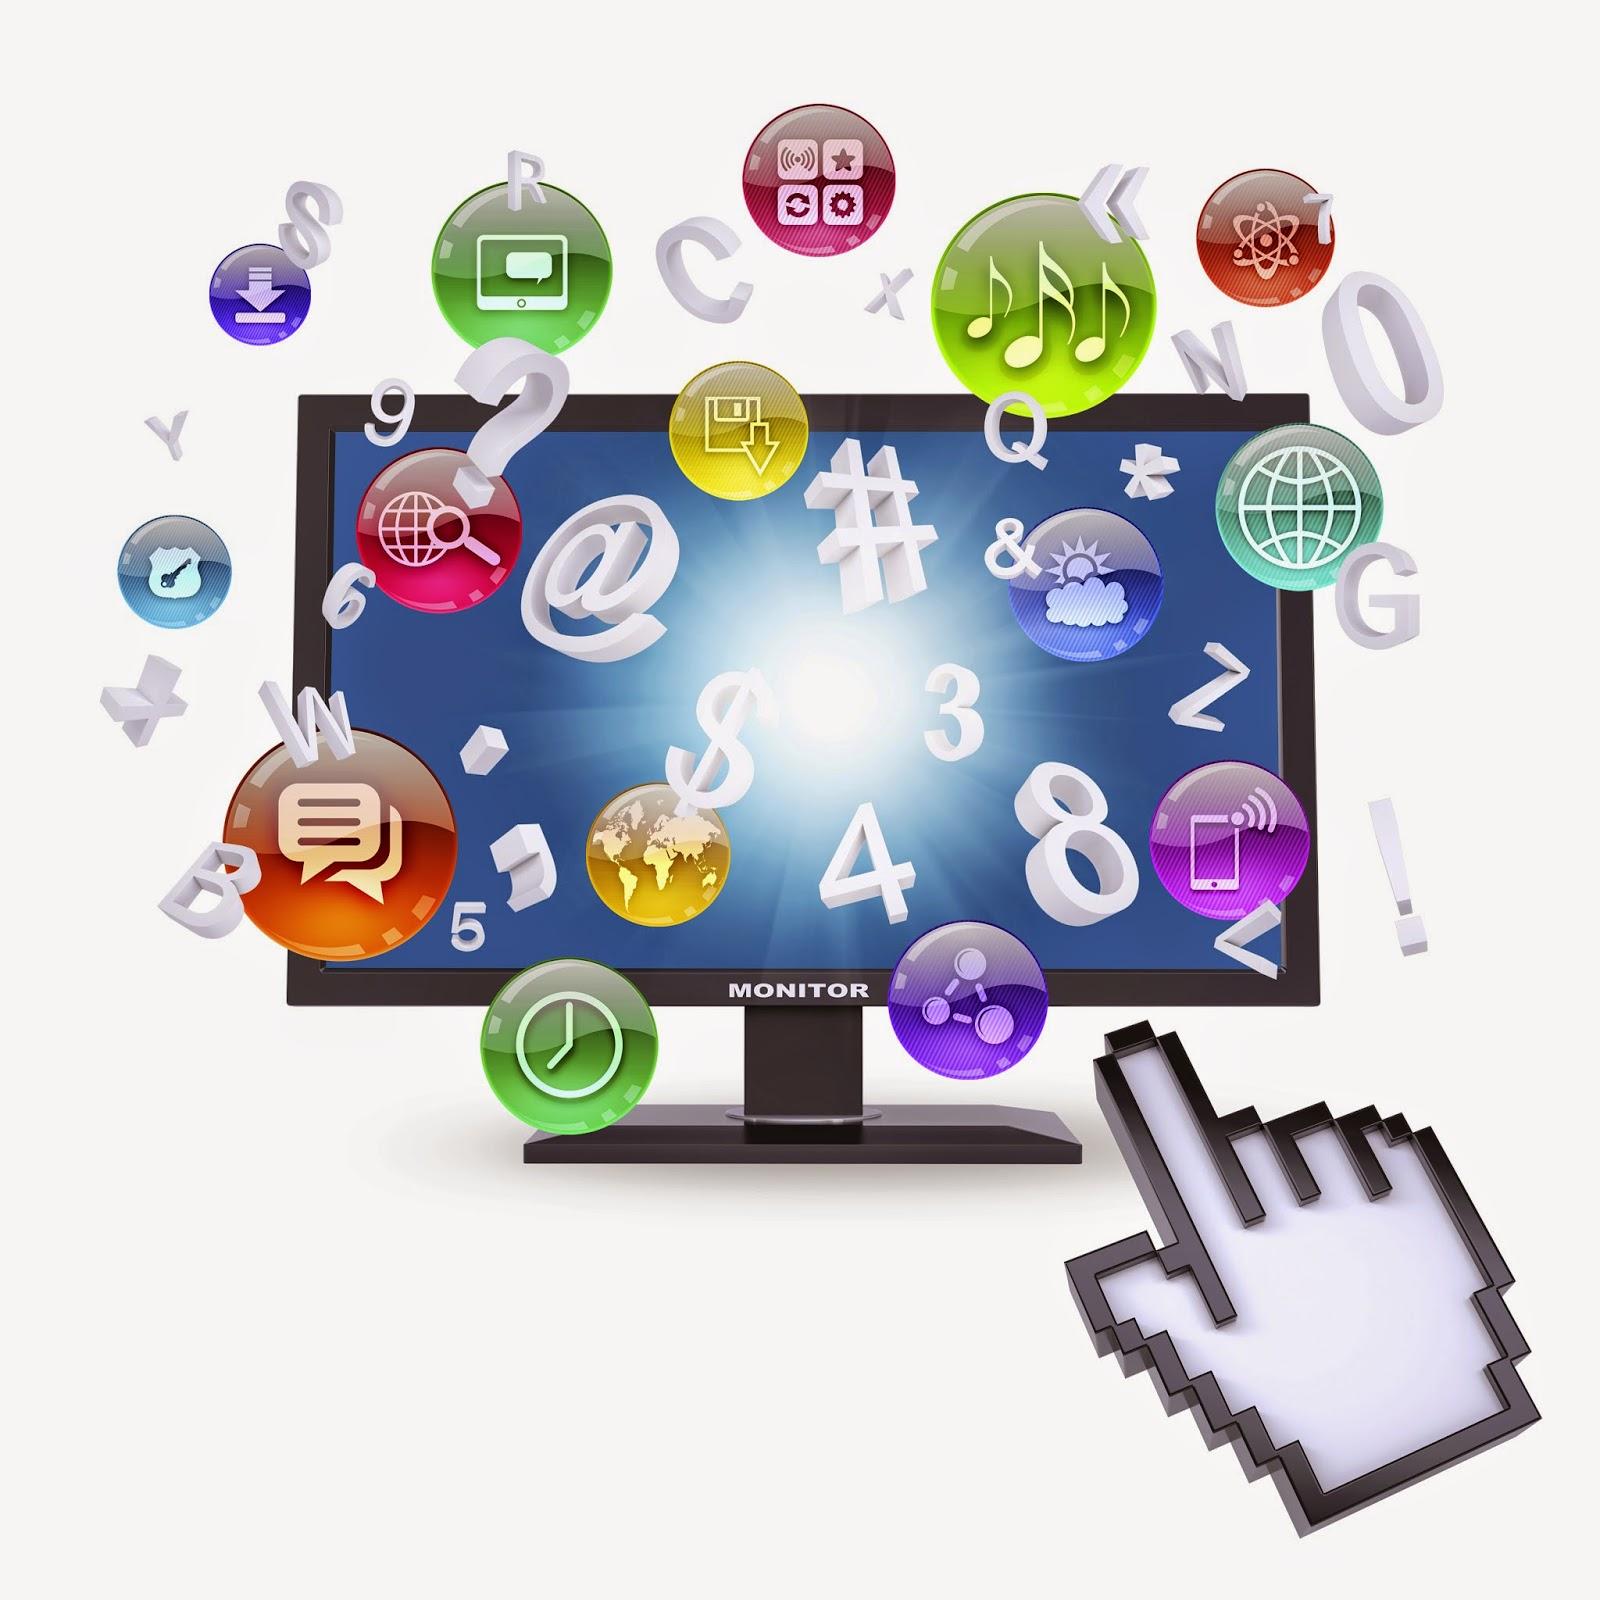 Computer monitor and application symbols